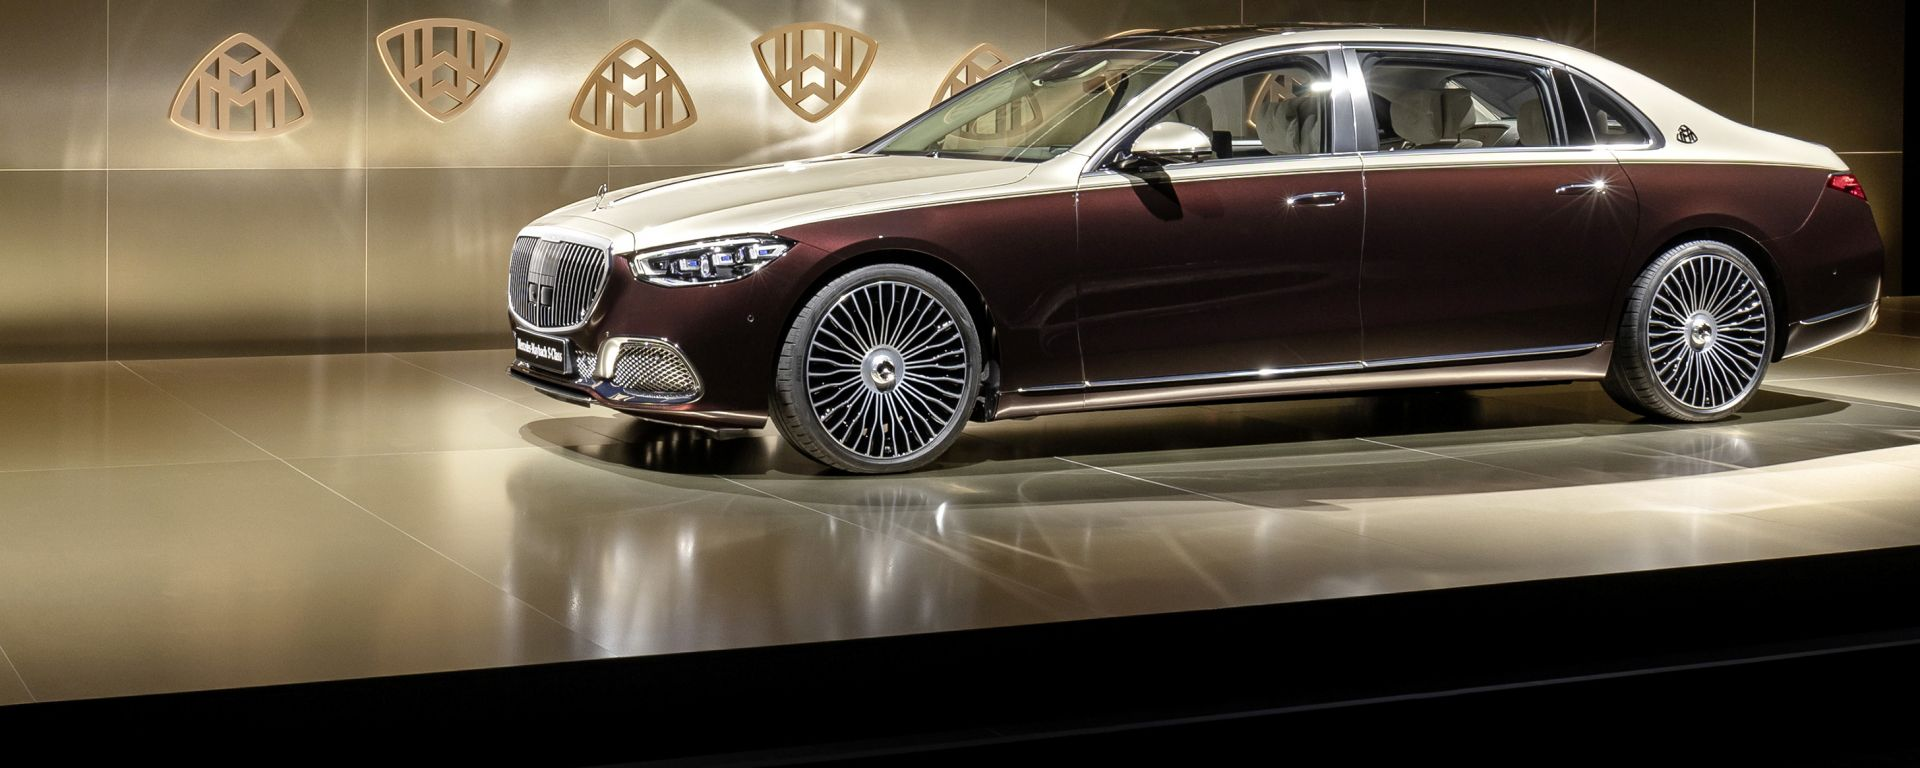 Nuova Mercedes-Maybach Classe S, lusso all'ennesima potenza